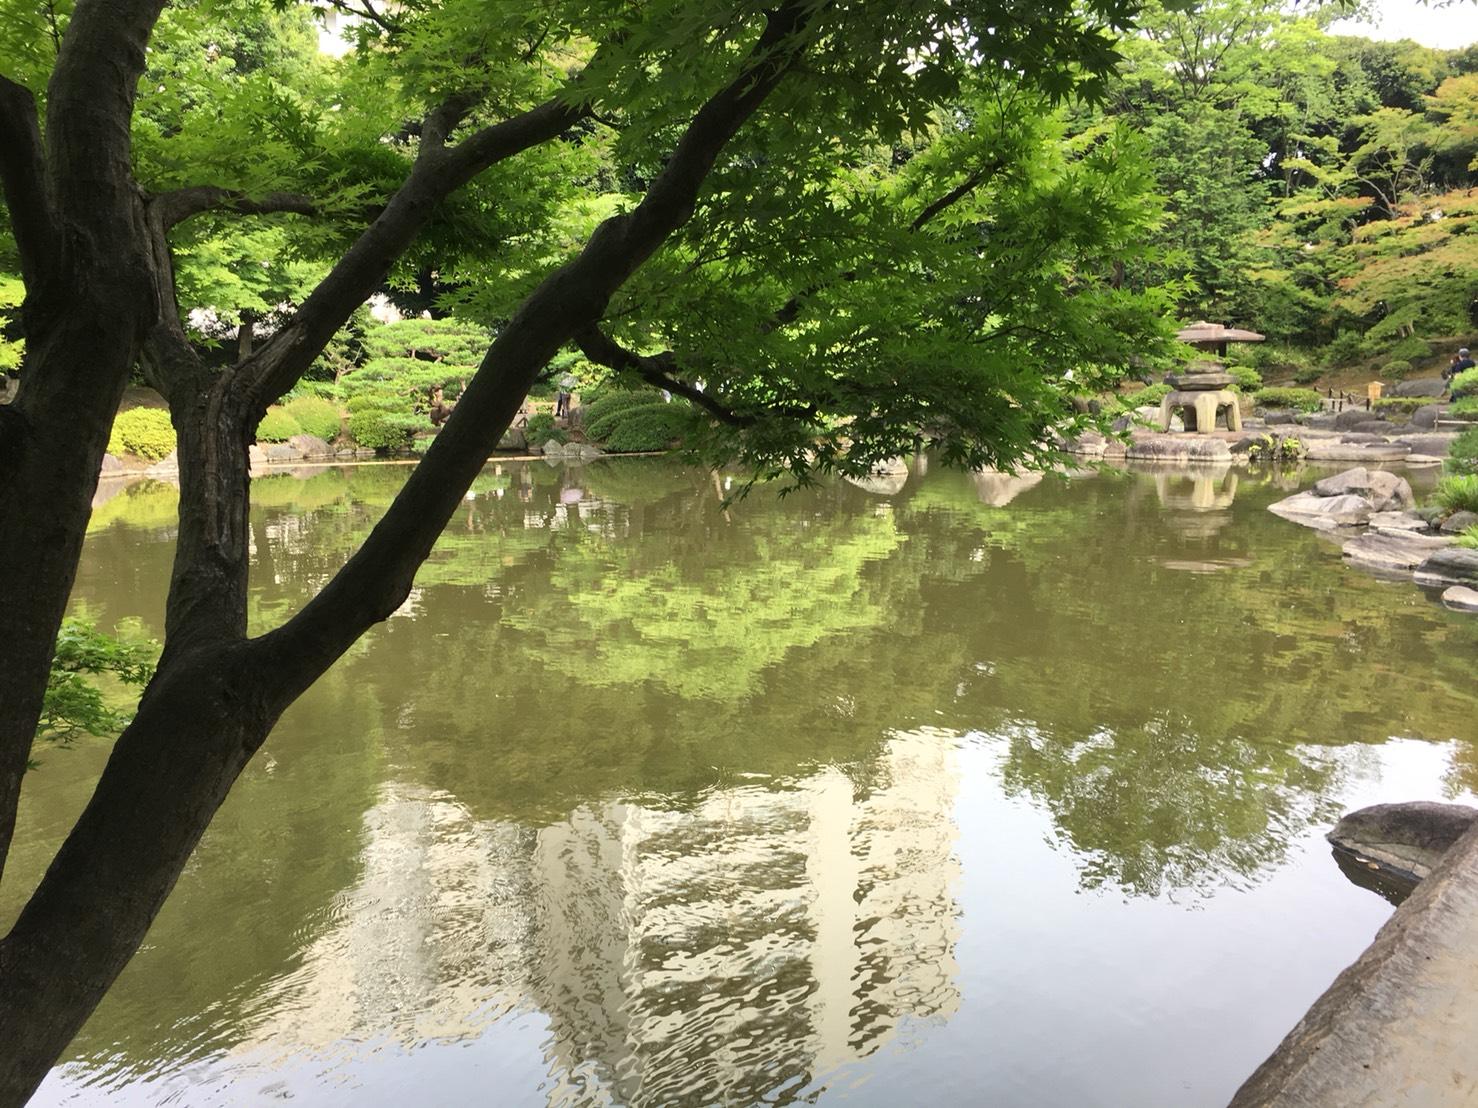 【上中里駅】バラが咲き誇る日英が混ざる庭園「旧古河庭園」の和庭園2